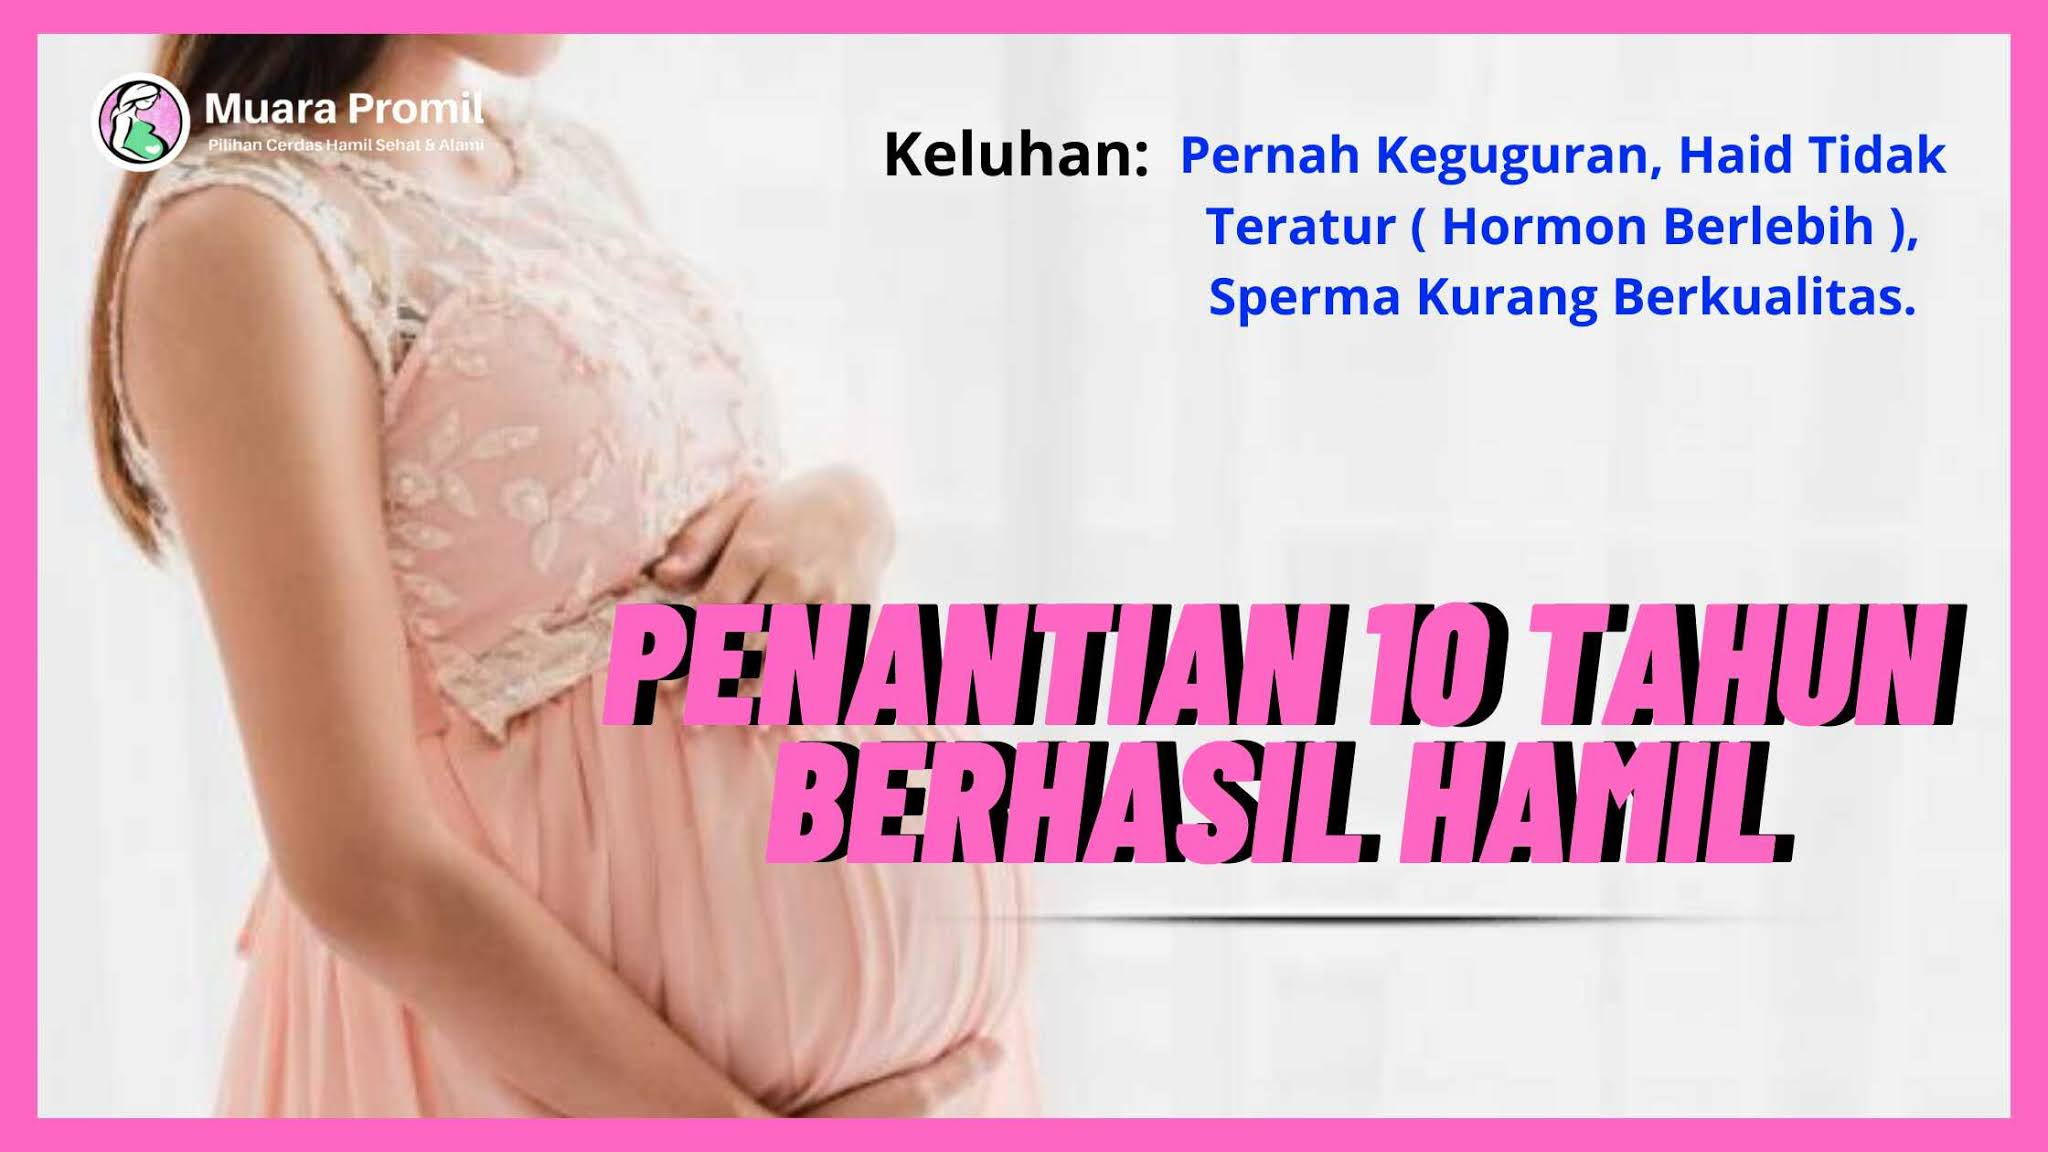 berhasil hamil setelah keguguran